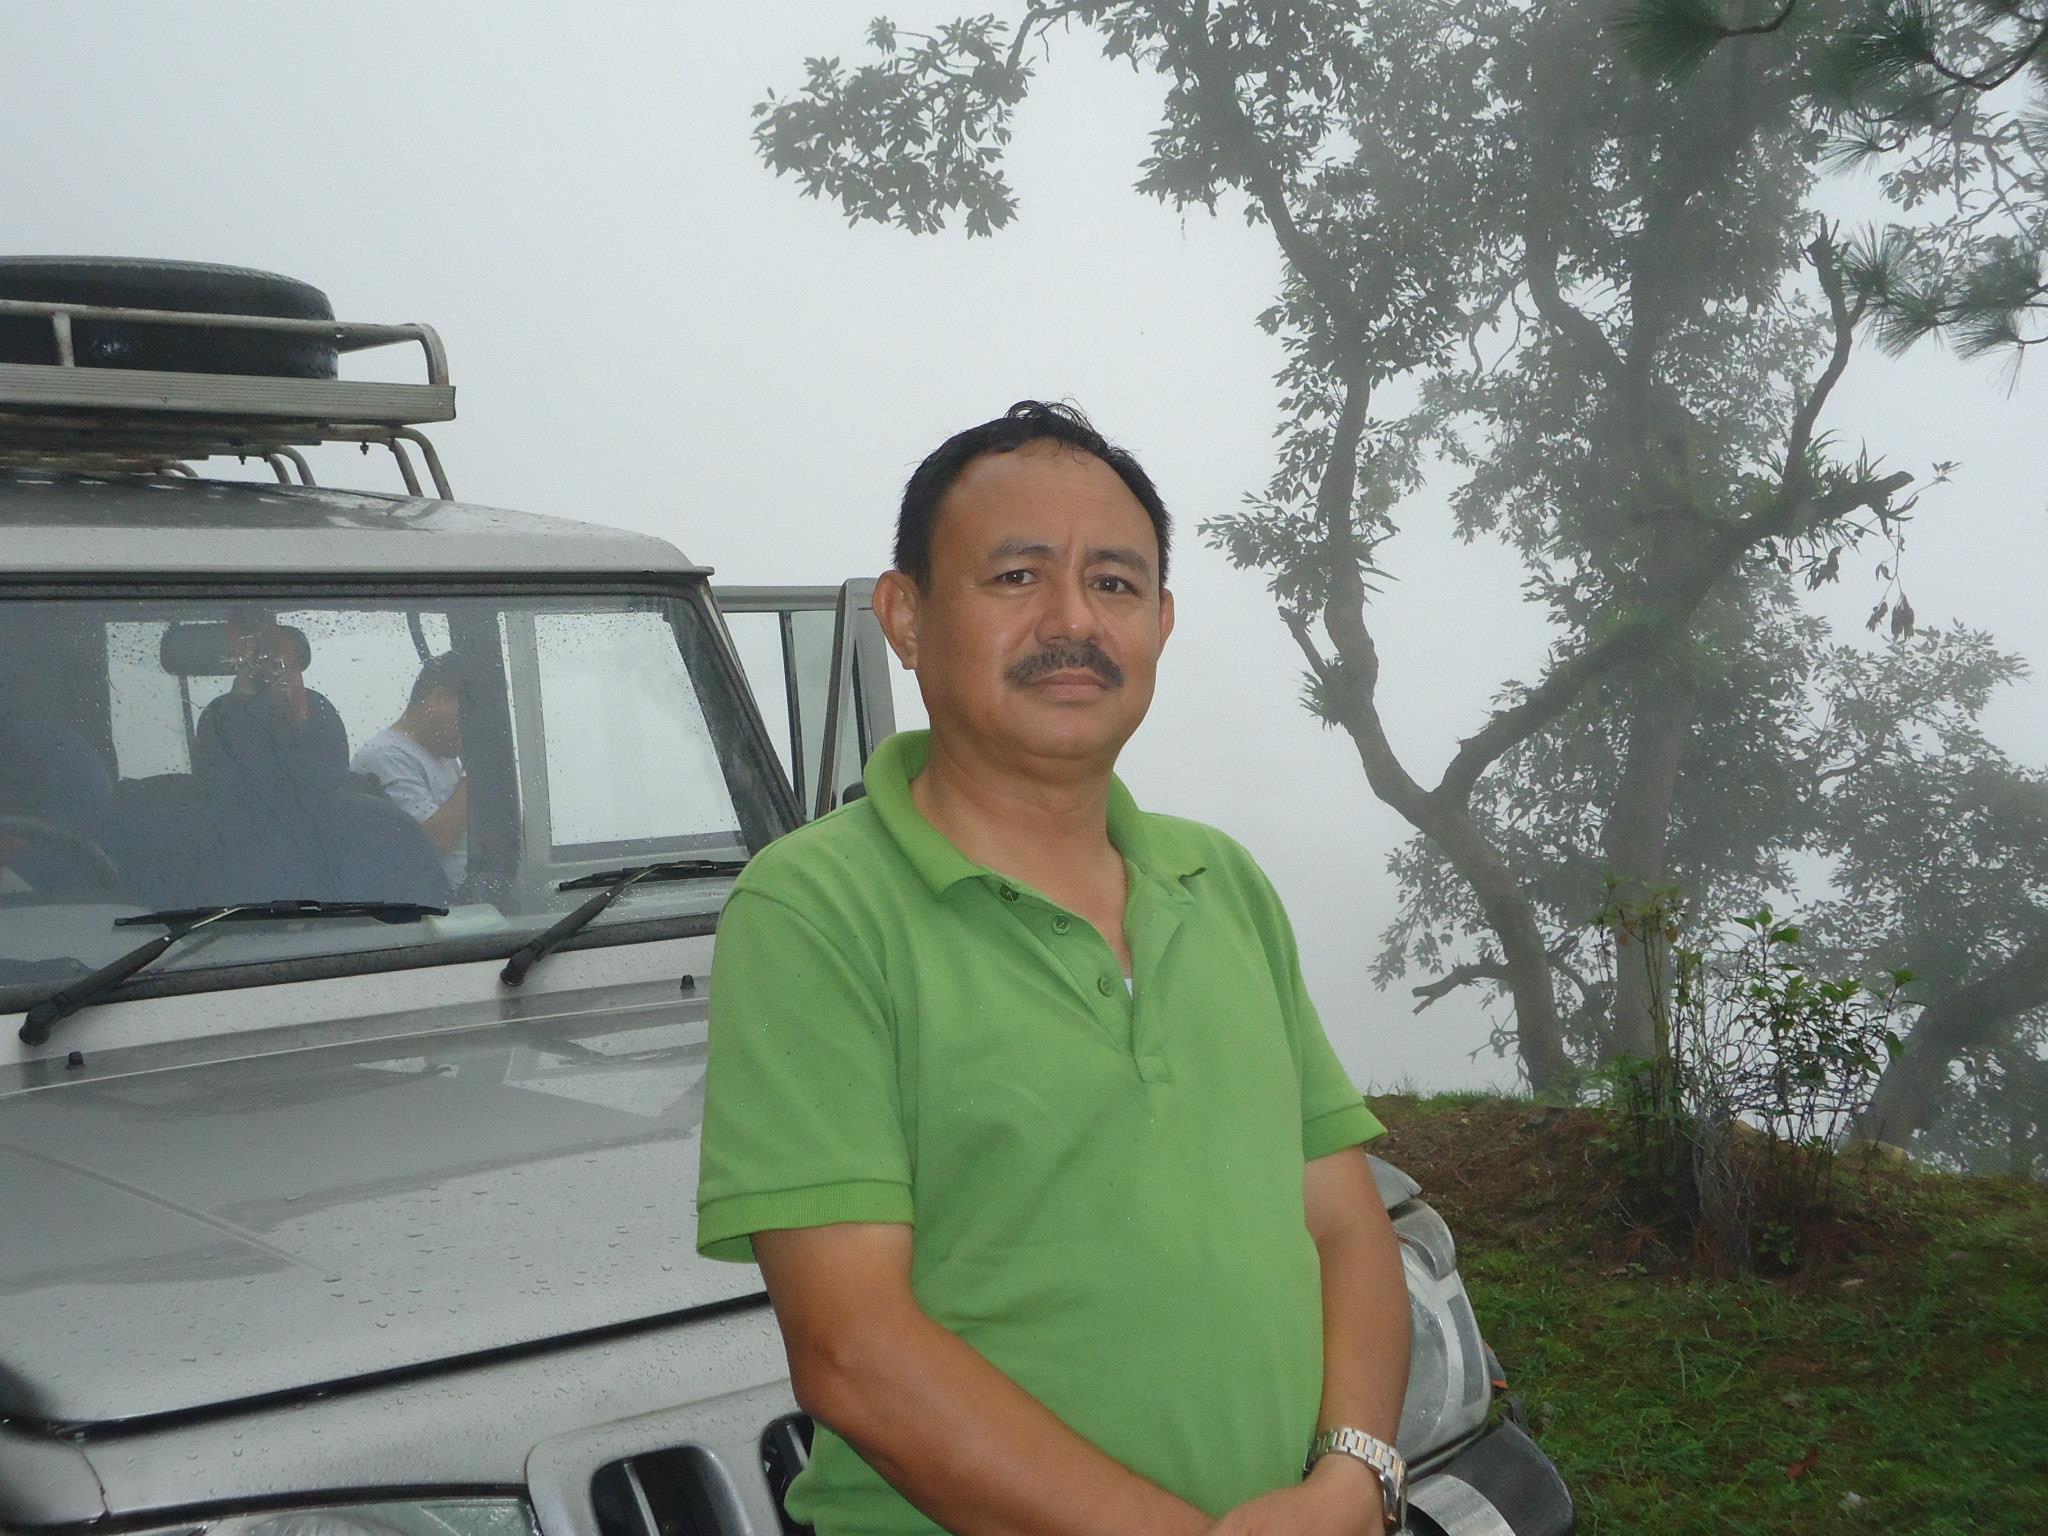 प्रदेश १ पर्यटन बोर्डको सदस्यमा सोलुखुम्बुका राई नियुक्त